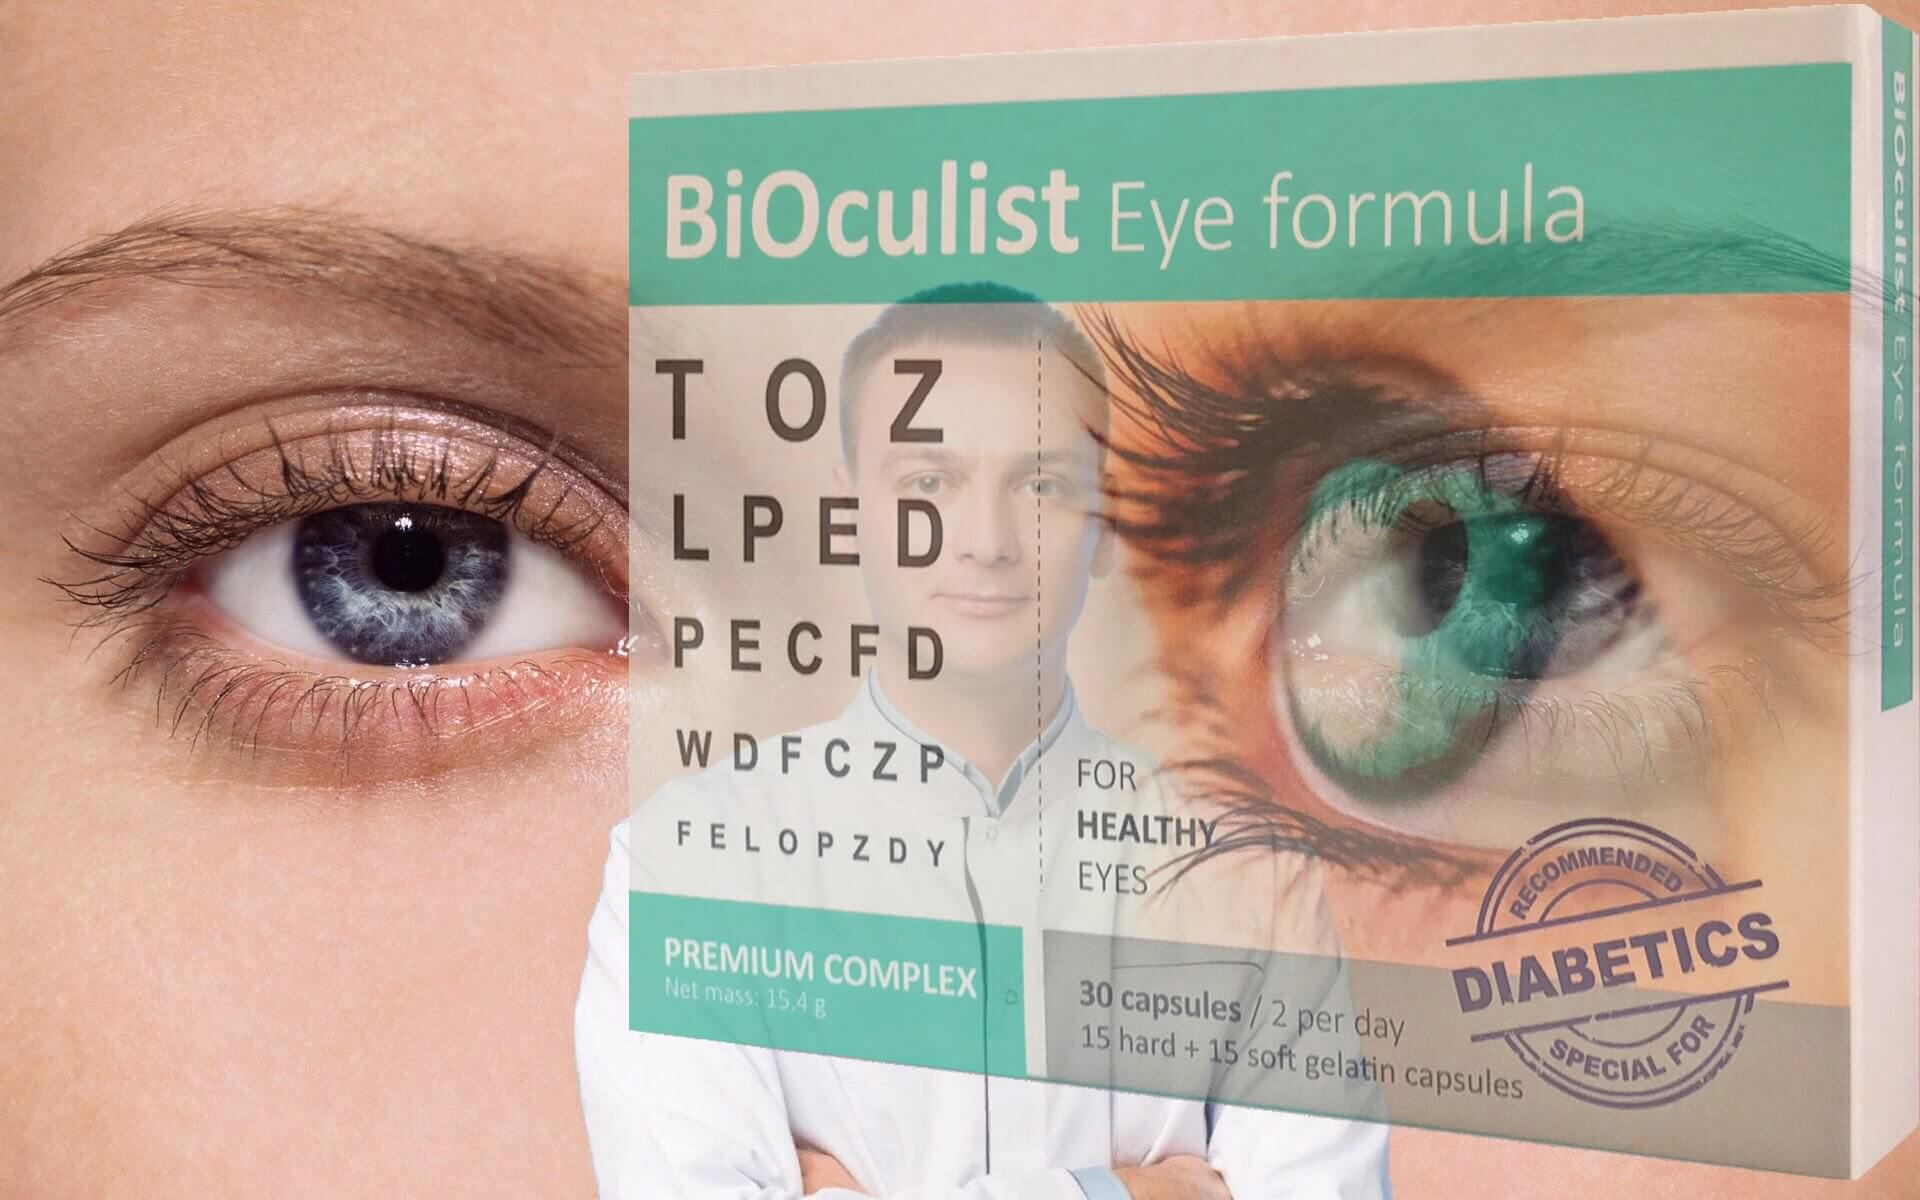 VISION FIX látásjavító szemüveg, szemtréner, lyukacsos szemüveg